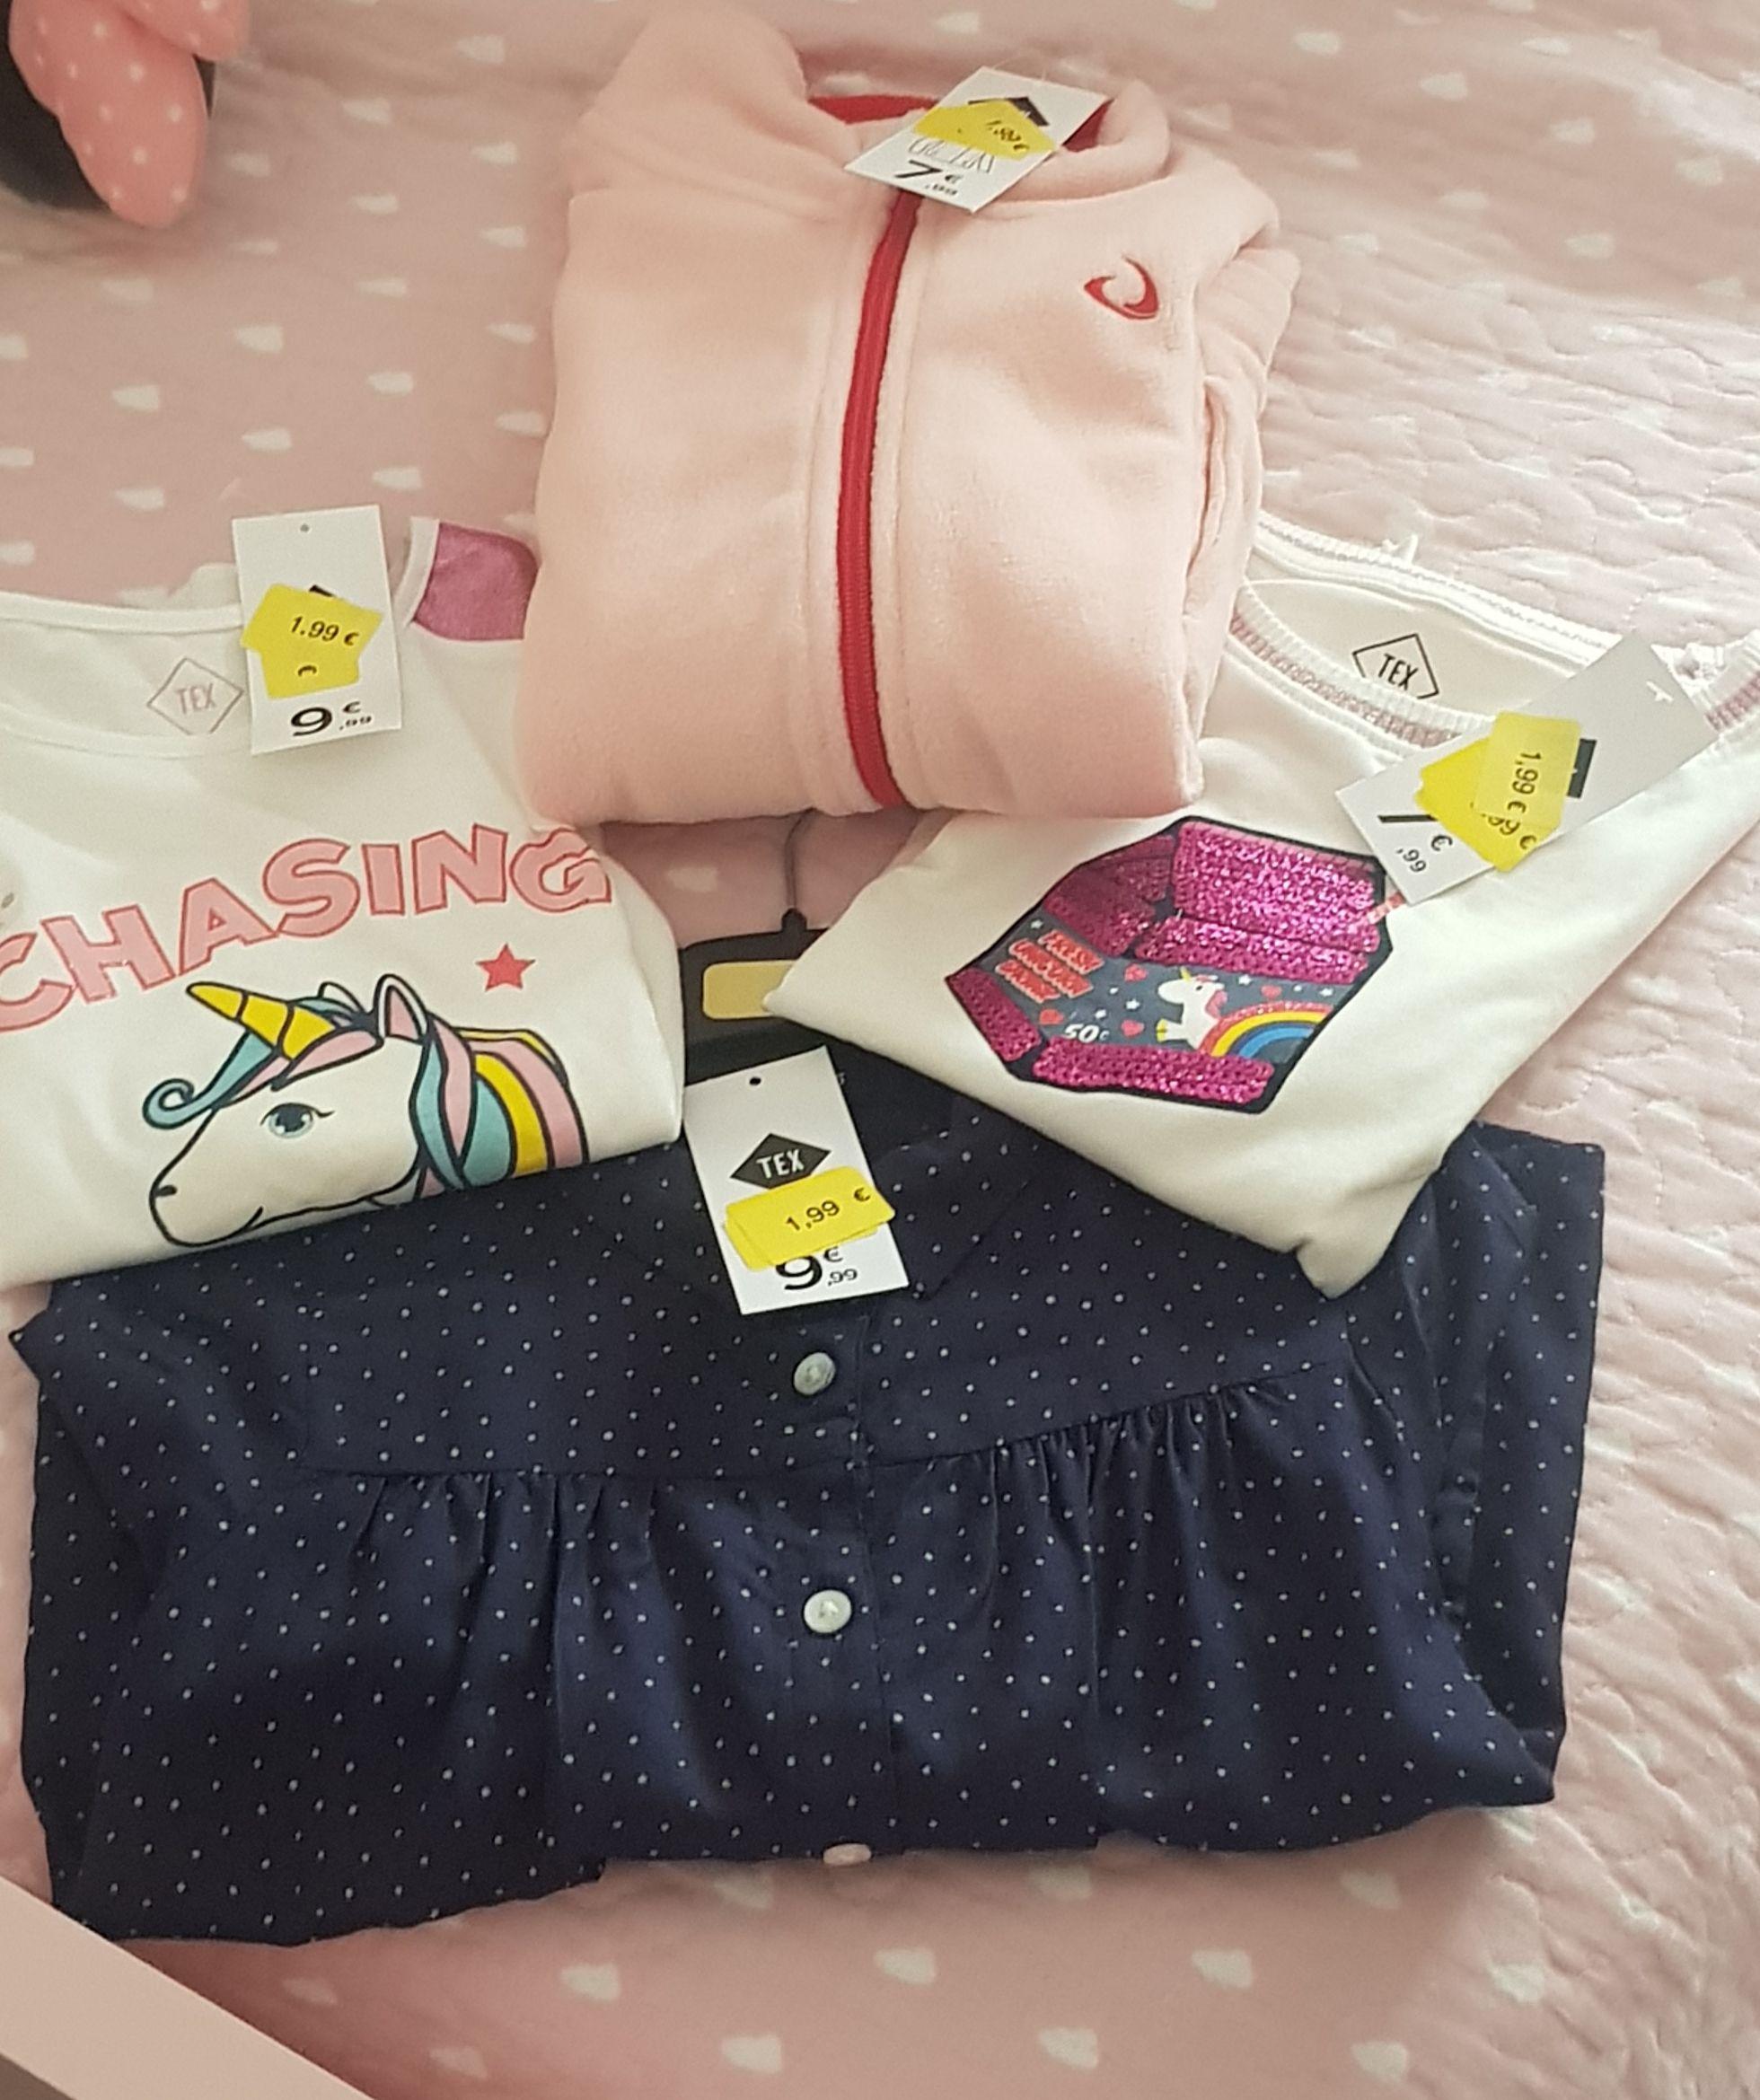 Camisas, camisetas, polares y más artículos por solo 1,99€ en tiendas Carrefour + 3x2